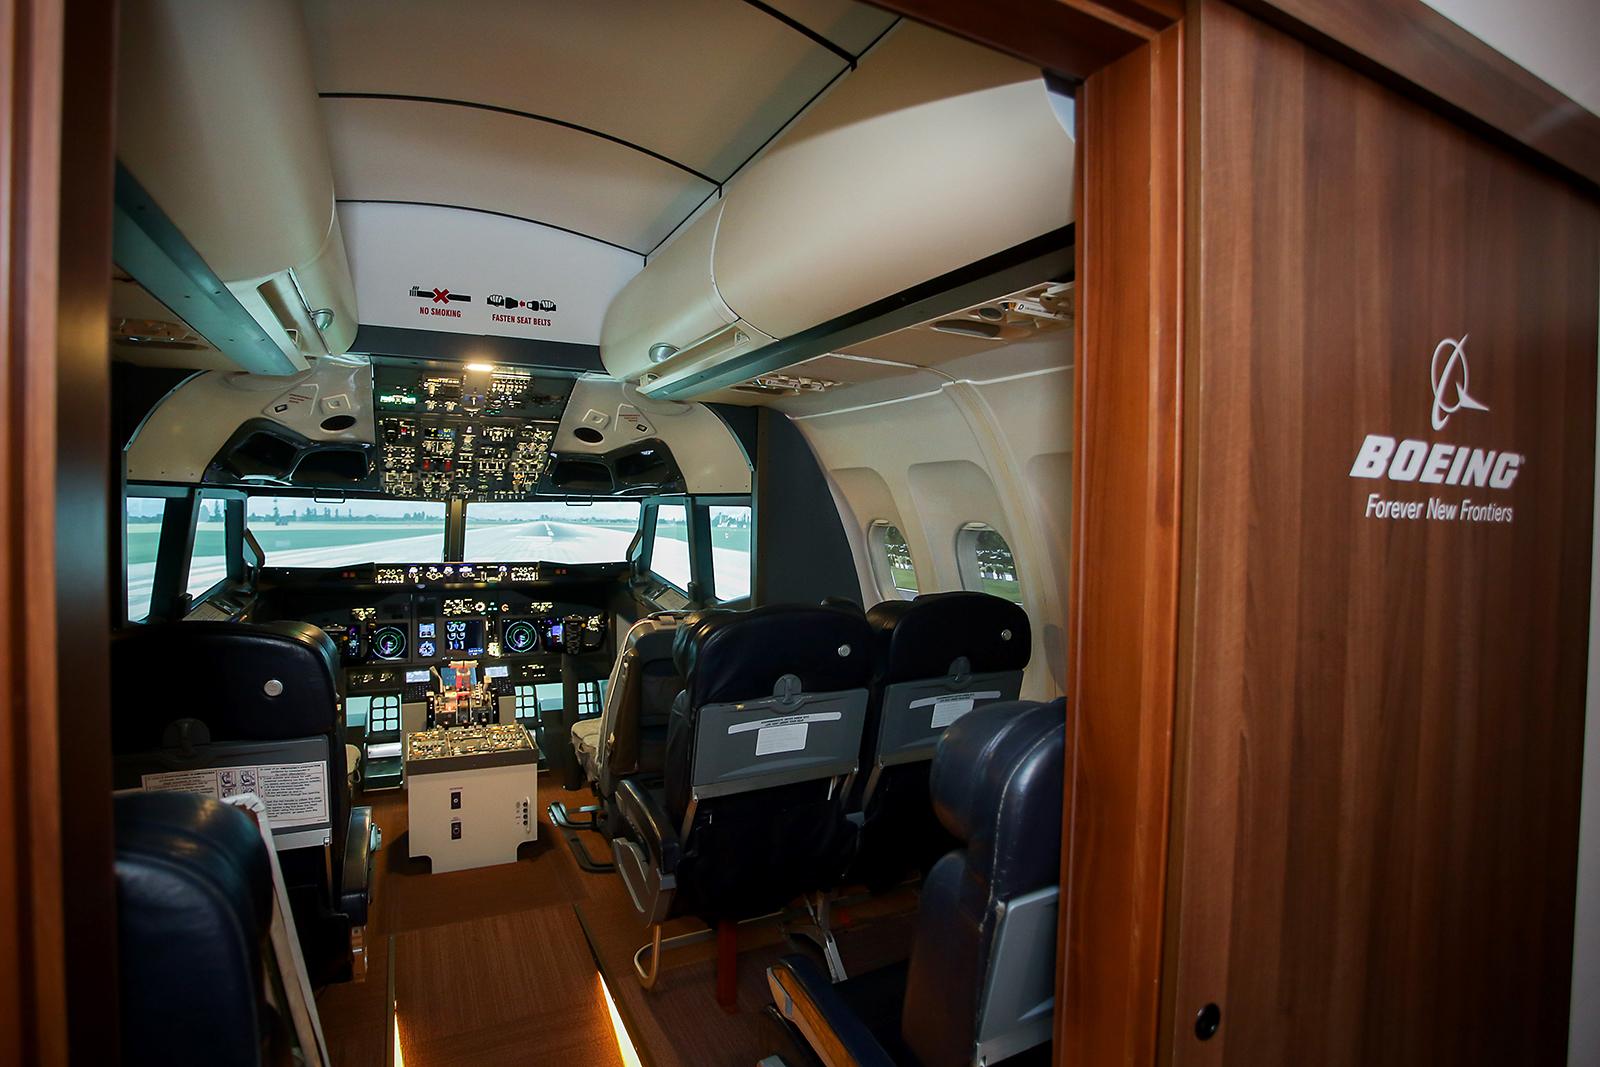 A Boeing 737 repülőgép-szimulátor ajtaja mindenki előtt nyitva áll, bárki kipróbálhatja a repülőgép vezetést a neki tetsző típuson. (Fotók: Pilots) | © AIRportal.hu